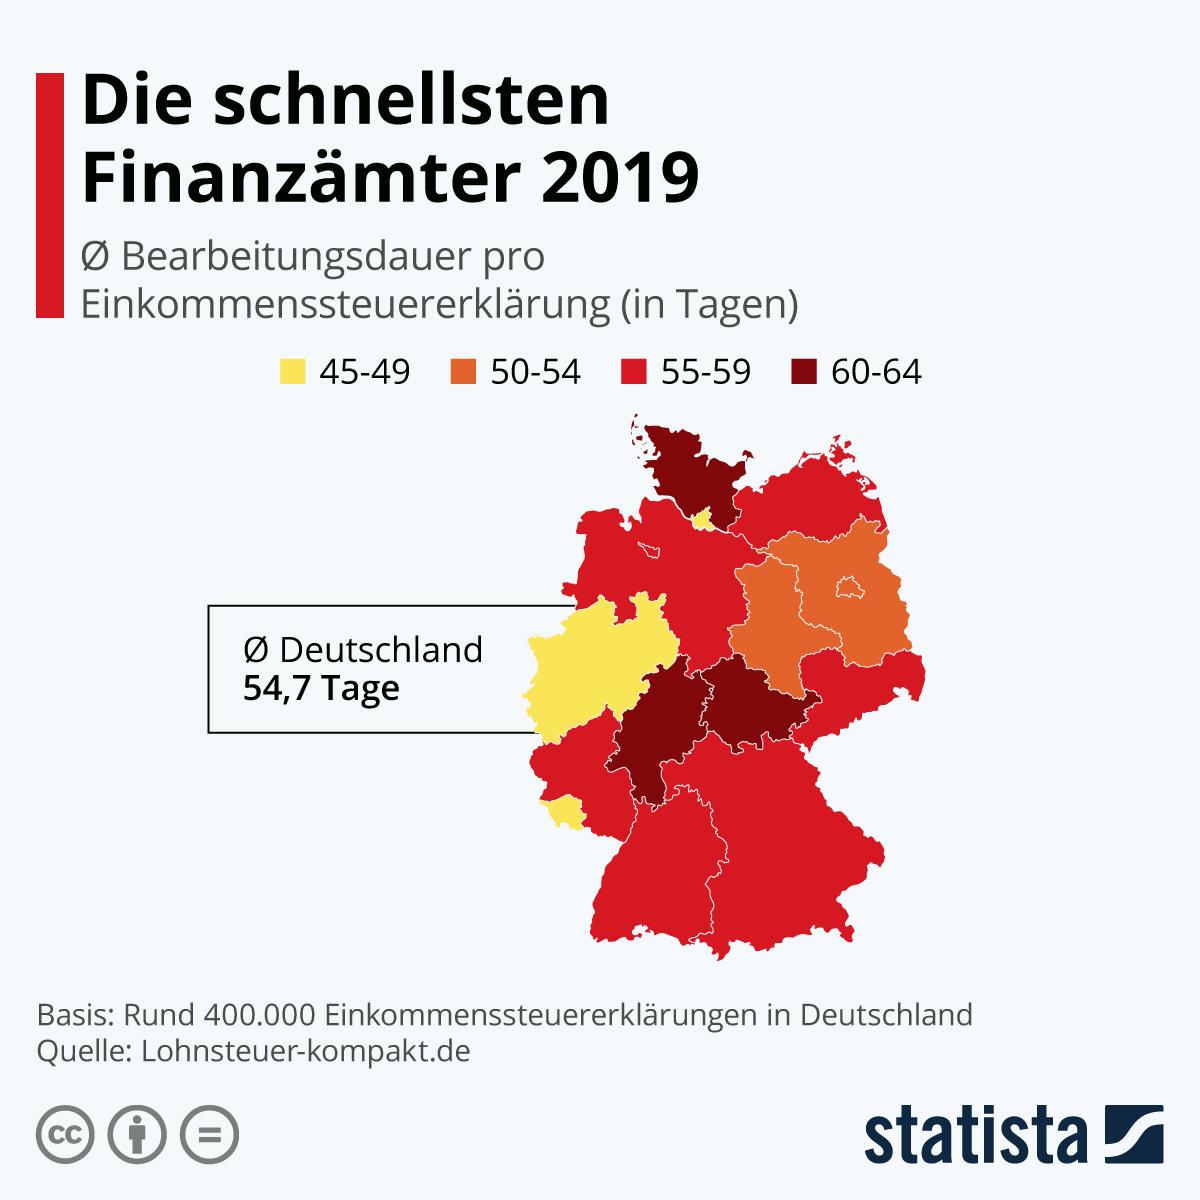 Das sind die schnellsten Finanzämter Deutschlands